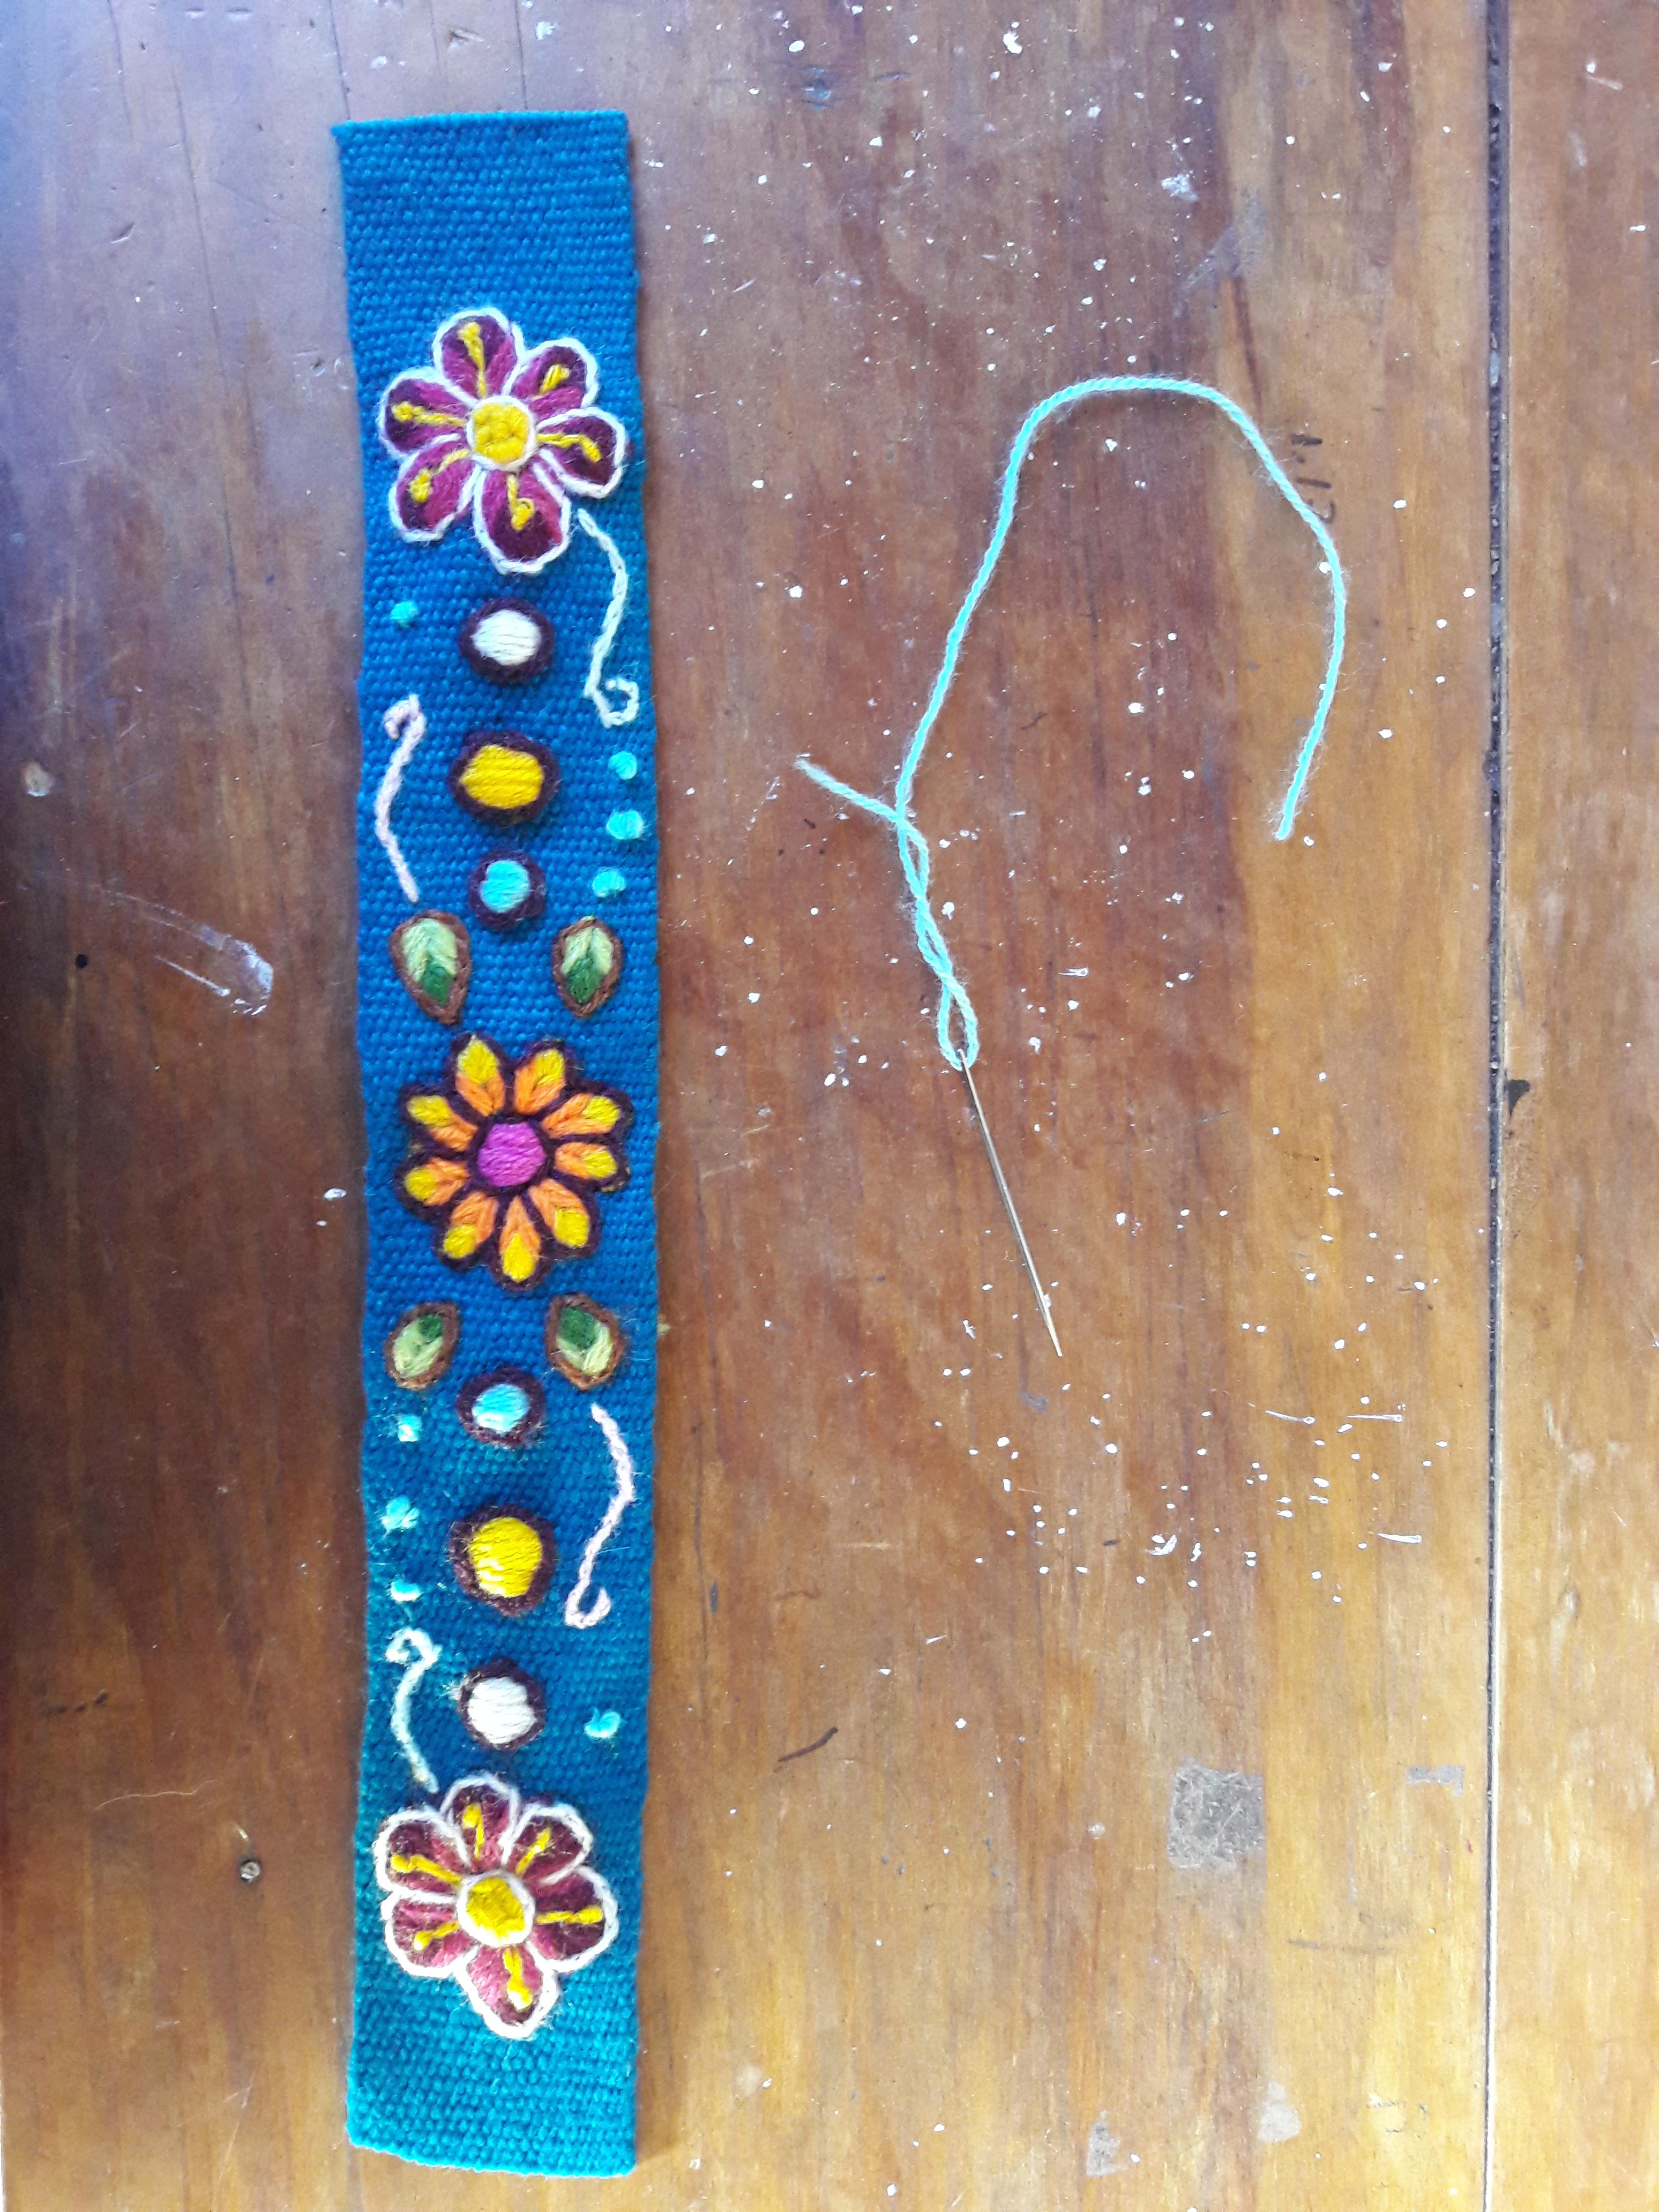 handmade Peruvian artisanal product